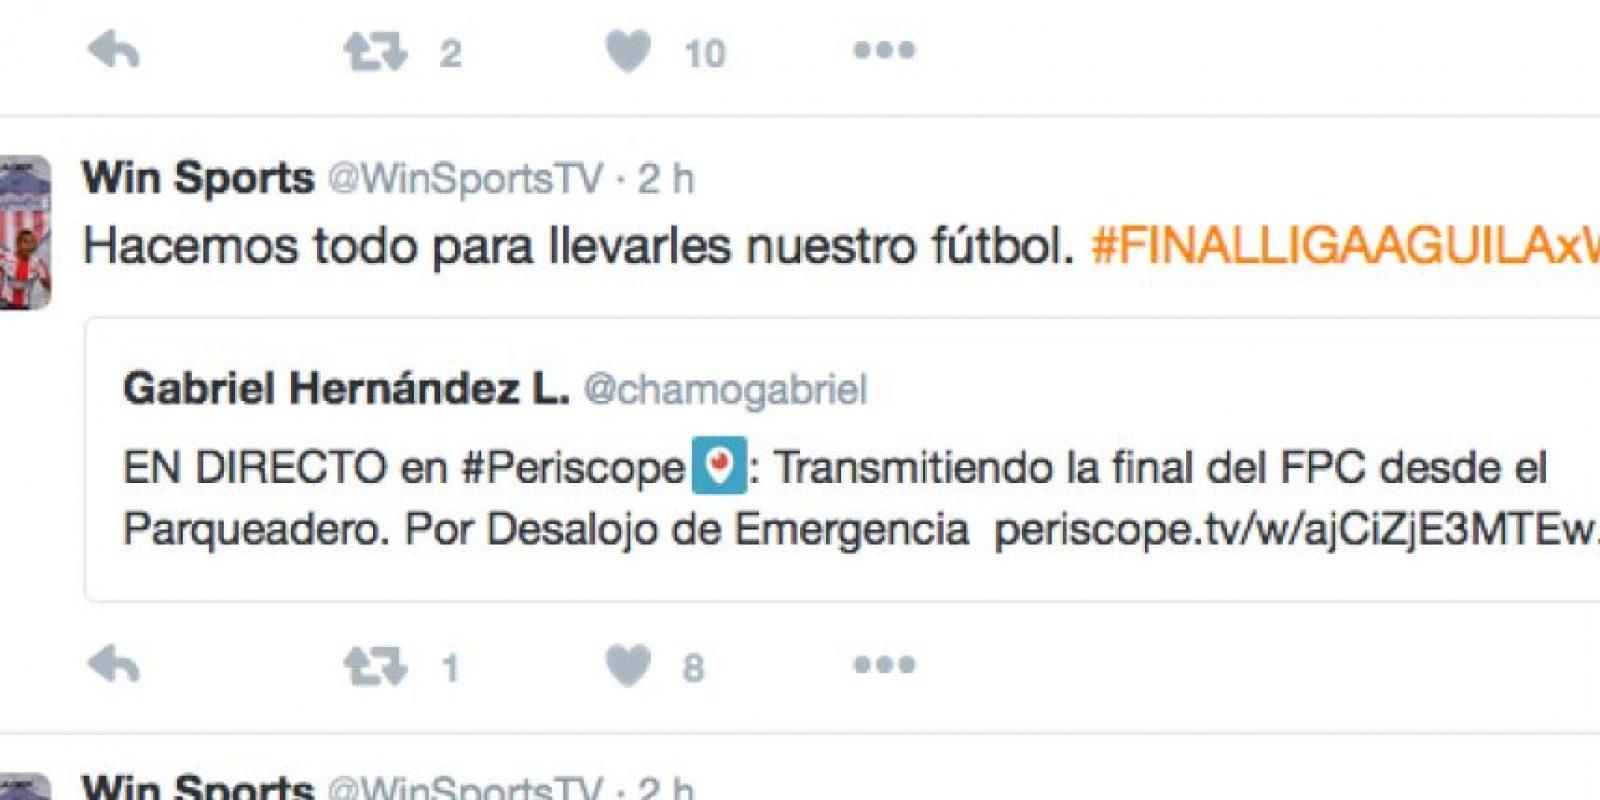 Foto:Captura de pantalla del Twitter de Win Sports